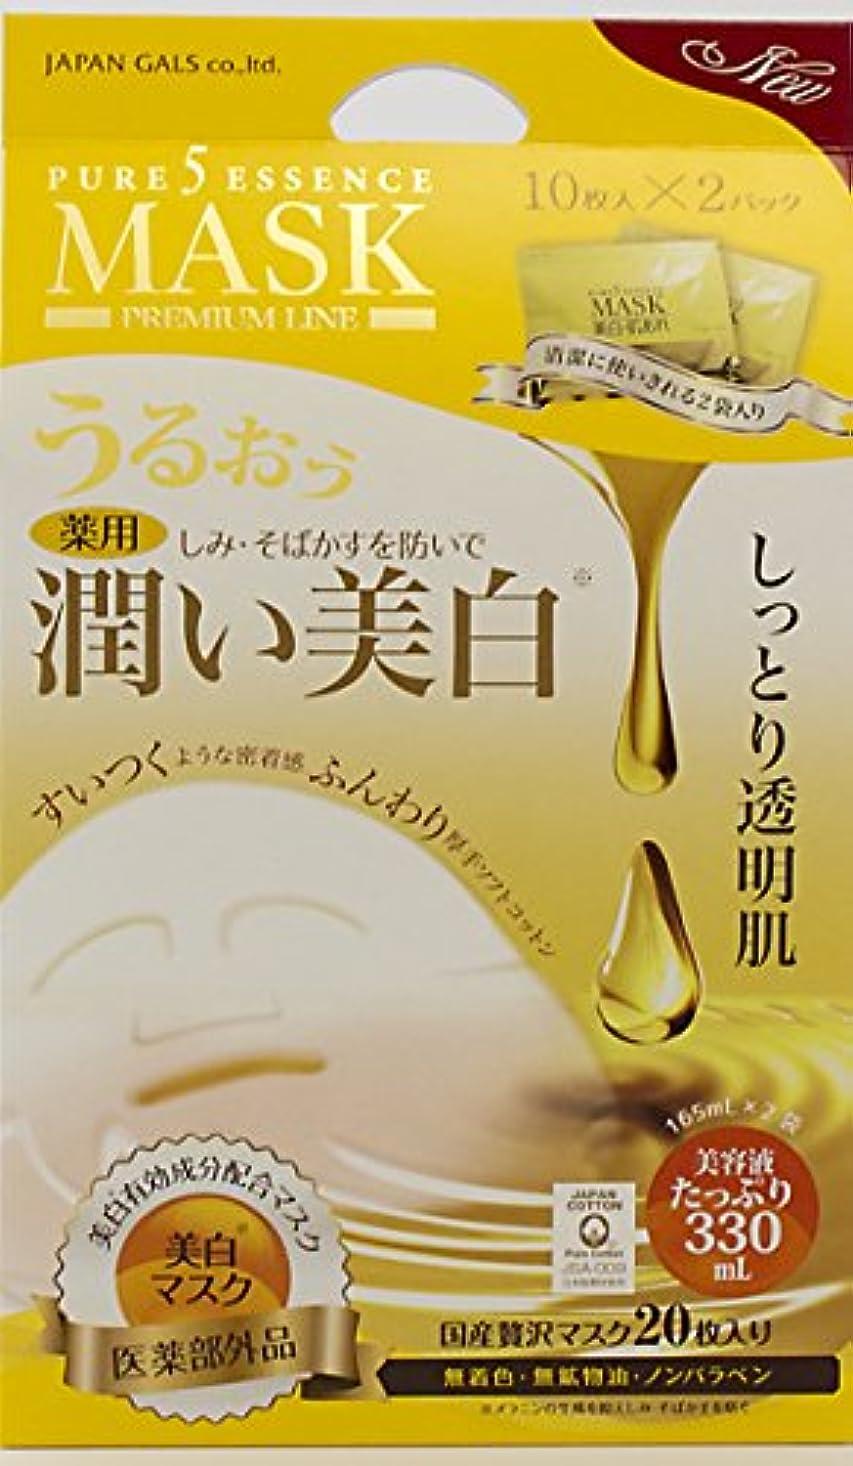 オートメーション印象的な腸ジャパンギャルズ ピュア5エッセンスマスク(薬用) 10枚入り×2袋